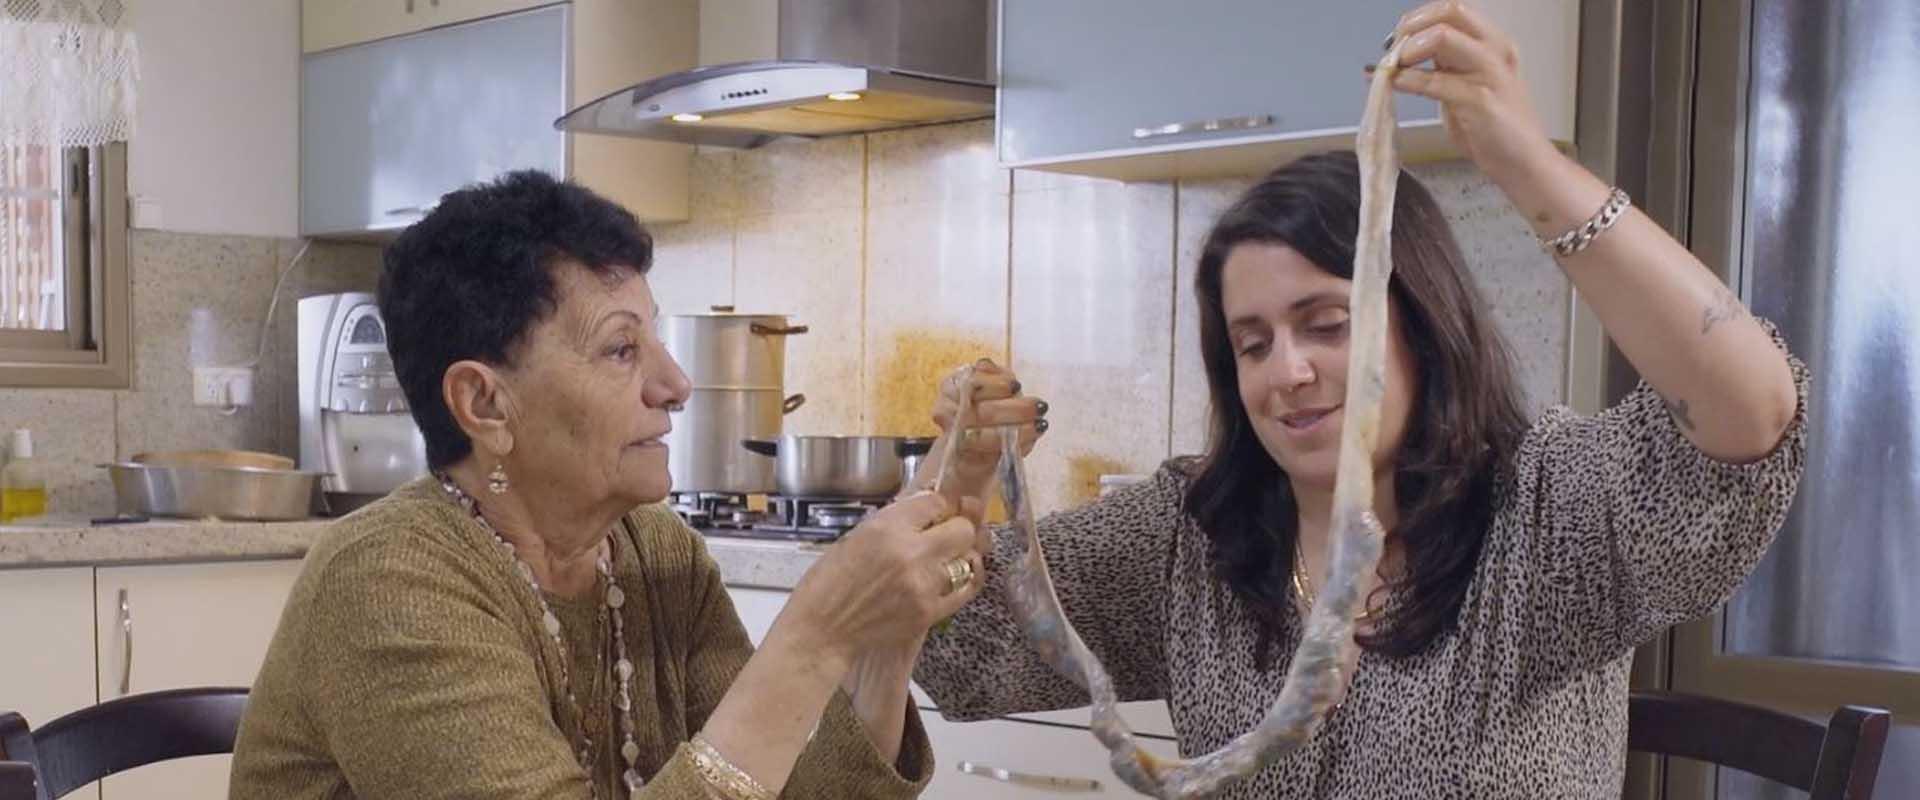 סבתא בישלה עם תום יער - ספיישל יום העצמאות